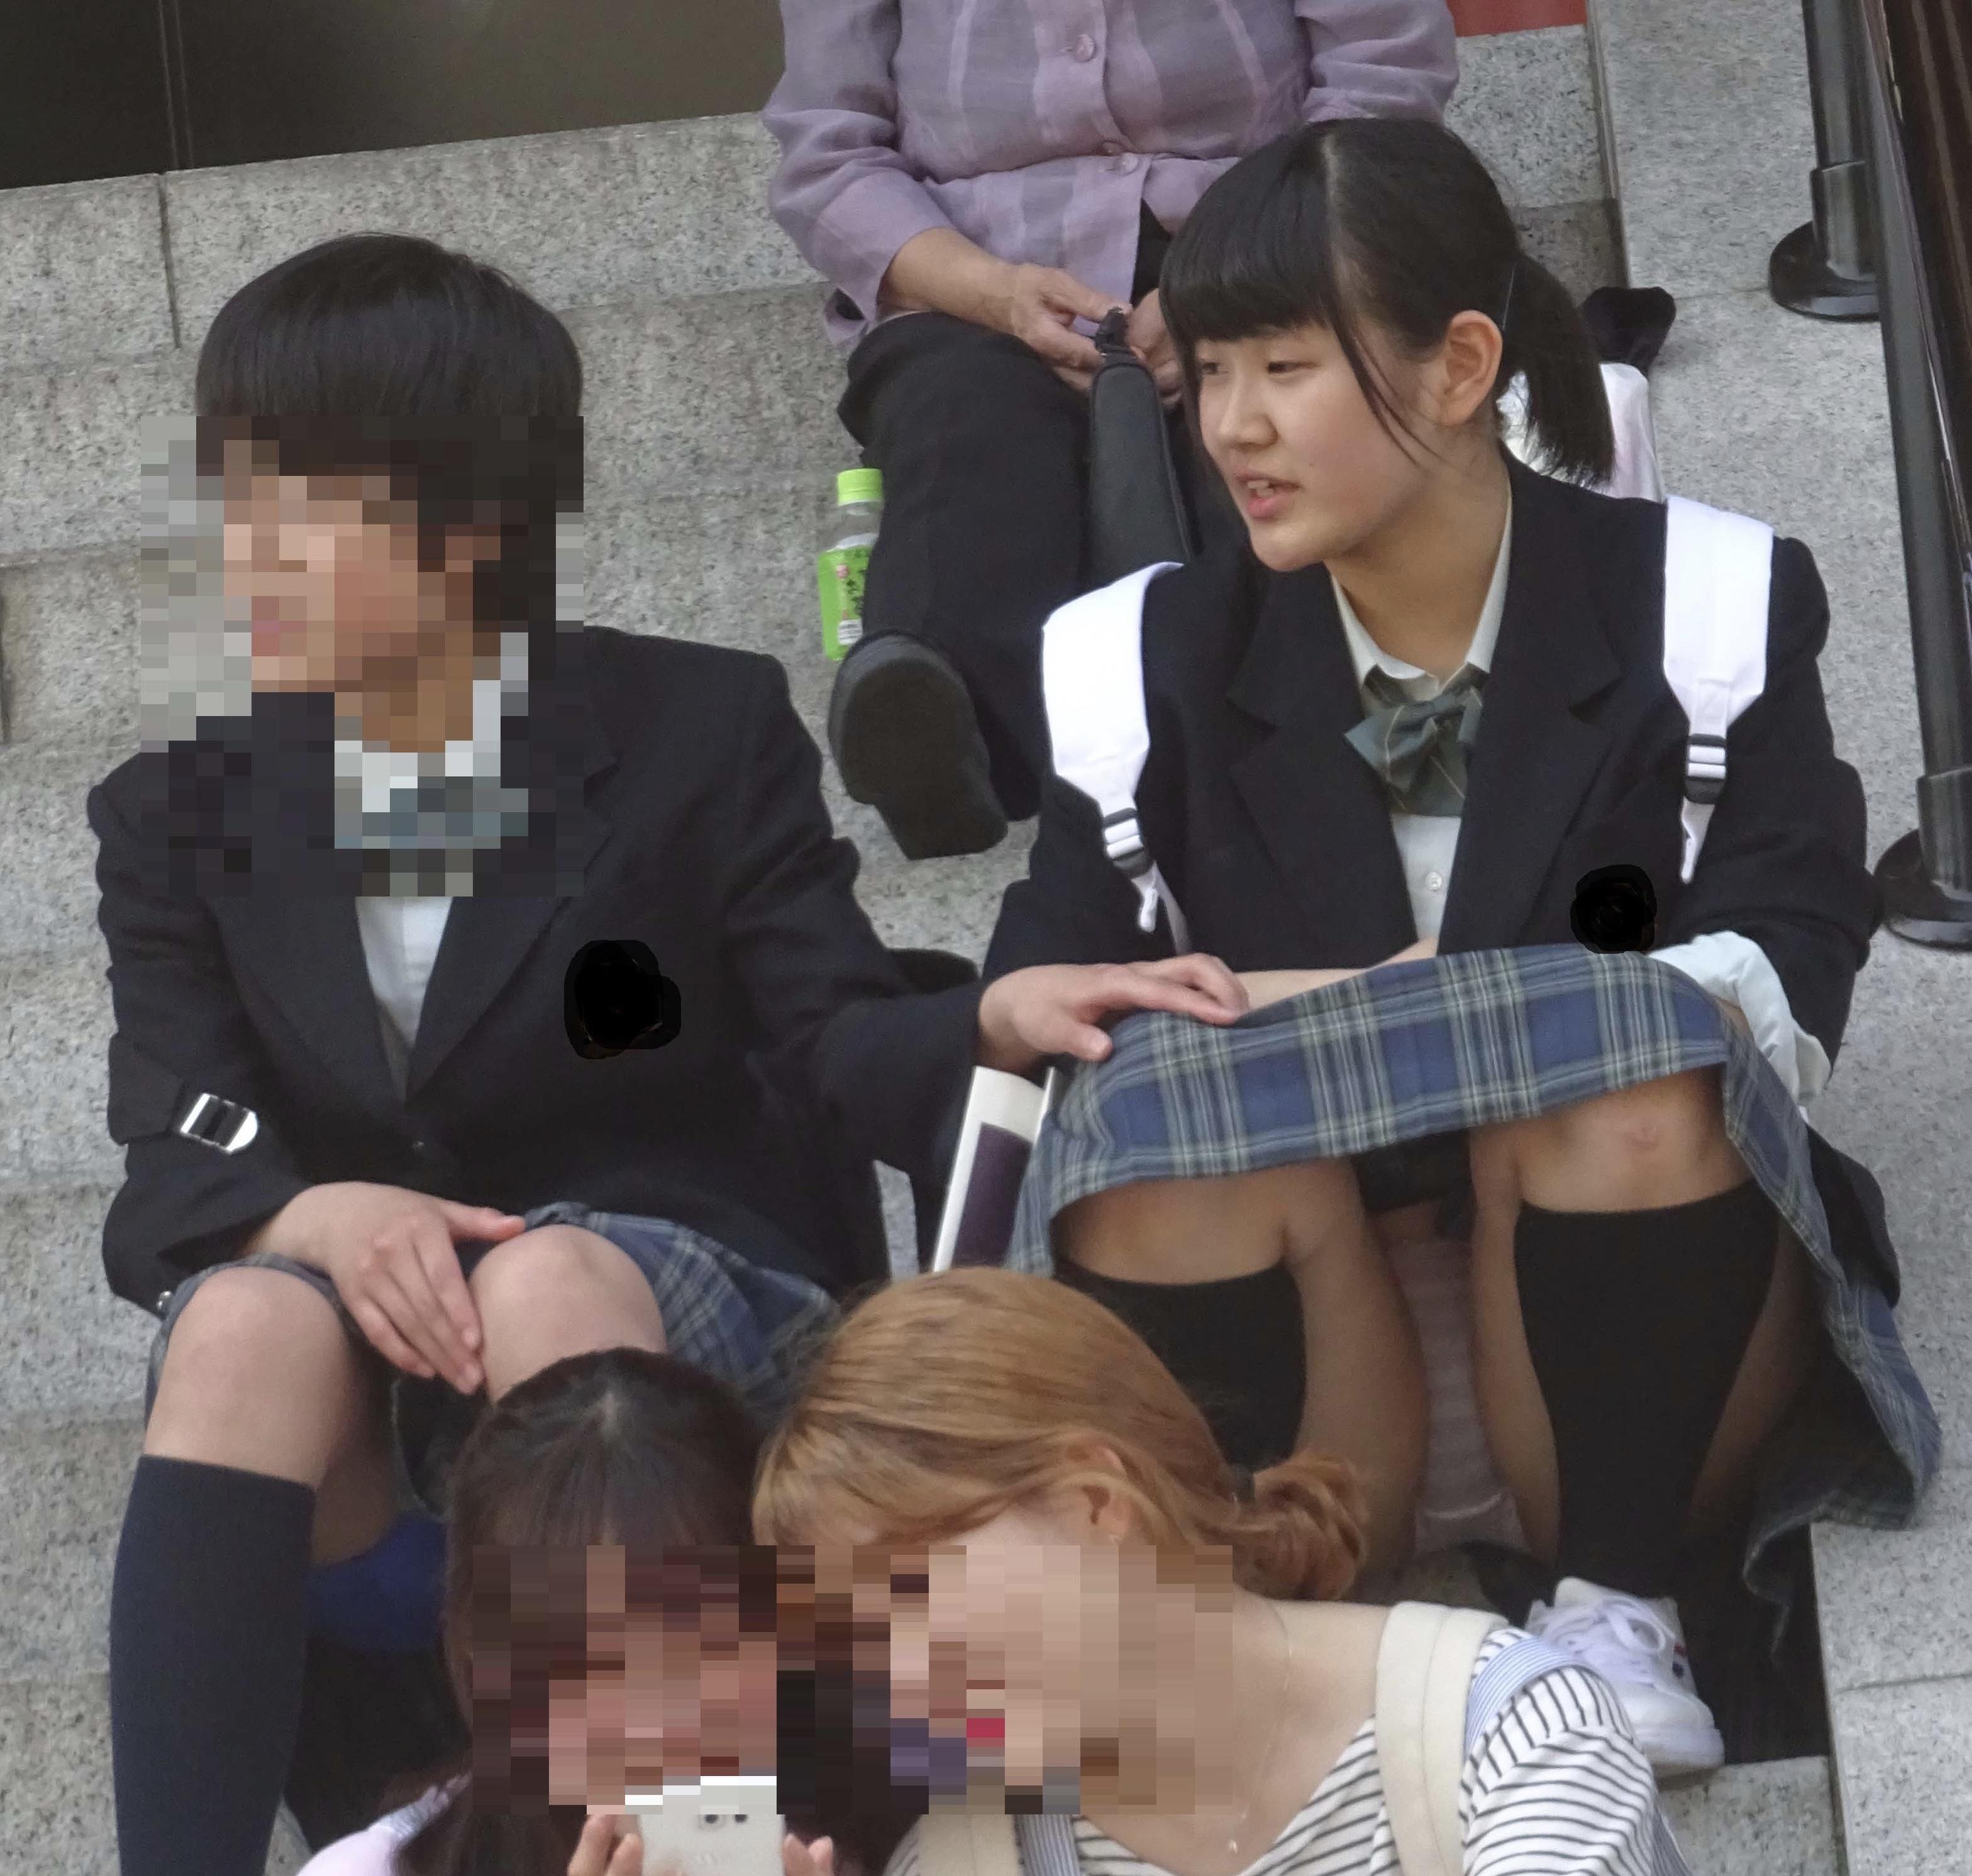 女子校生のパンツがガッツリ見えてる!